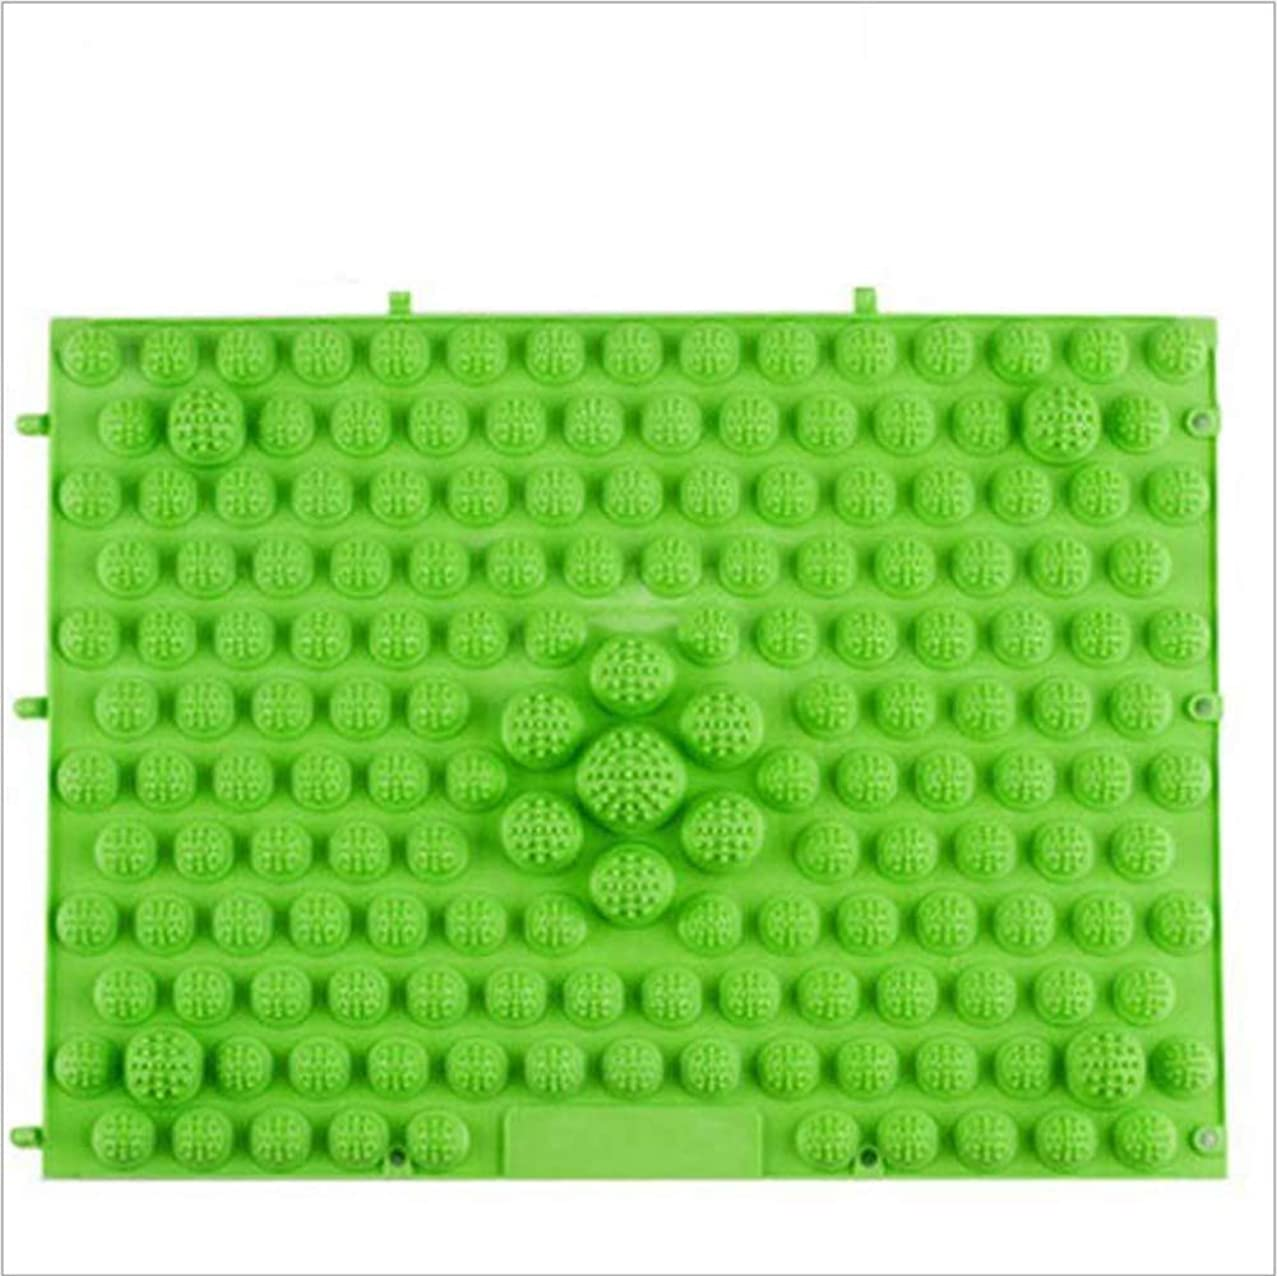 自己尊重サドルなしでウォークマット 裏板セット(ABS樹脂製補強板付き) (グリーン)